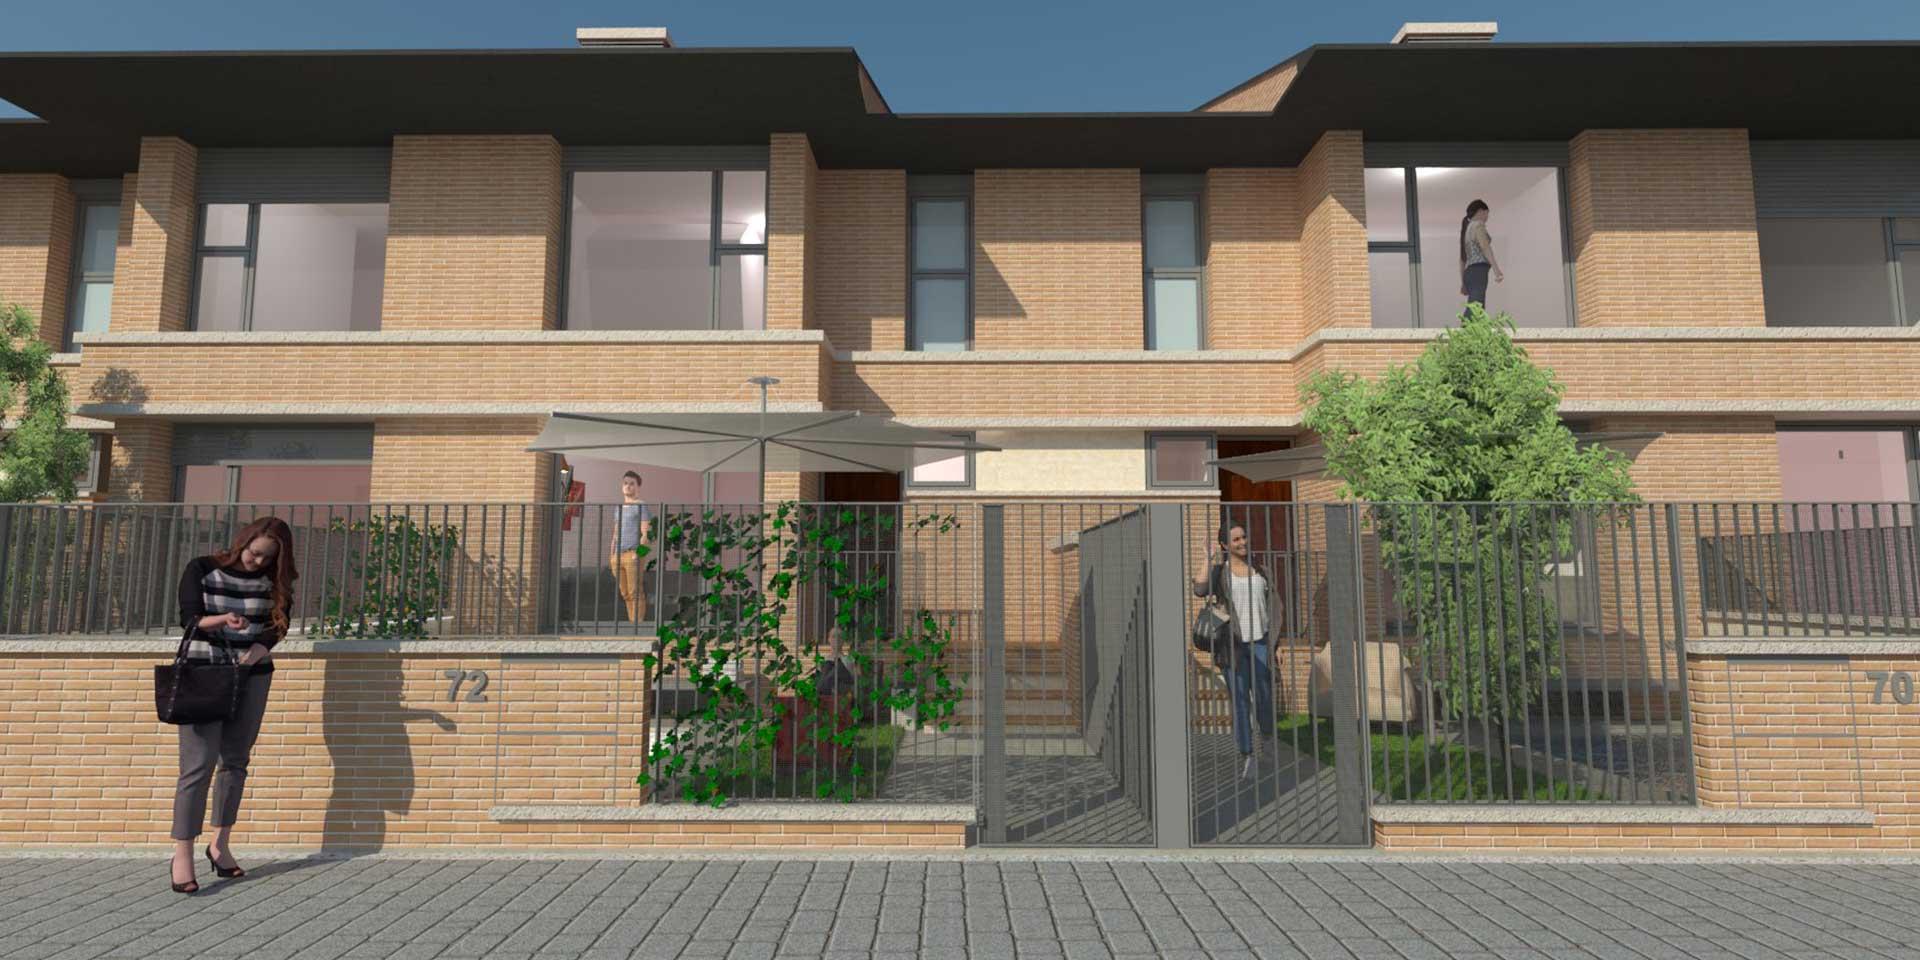 Vivienda nueva con piscina Fachada residencial continental viviendas unifamiliares albacete